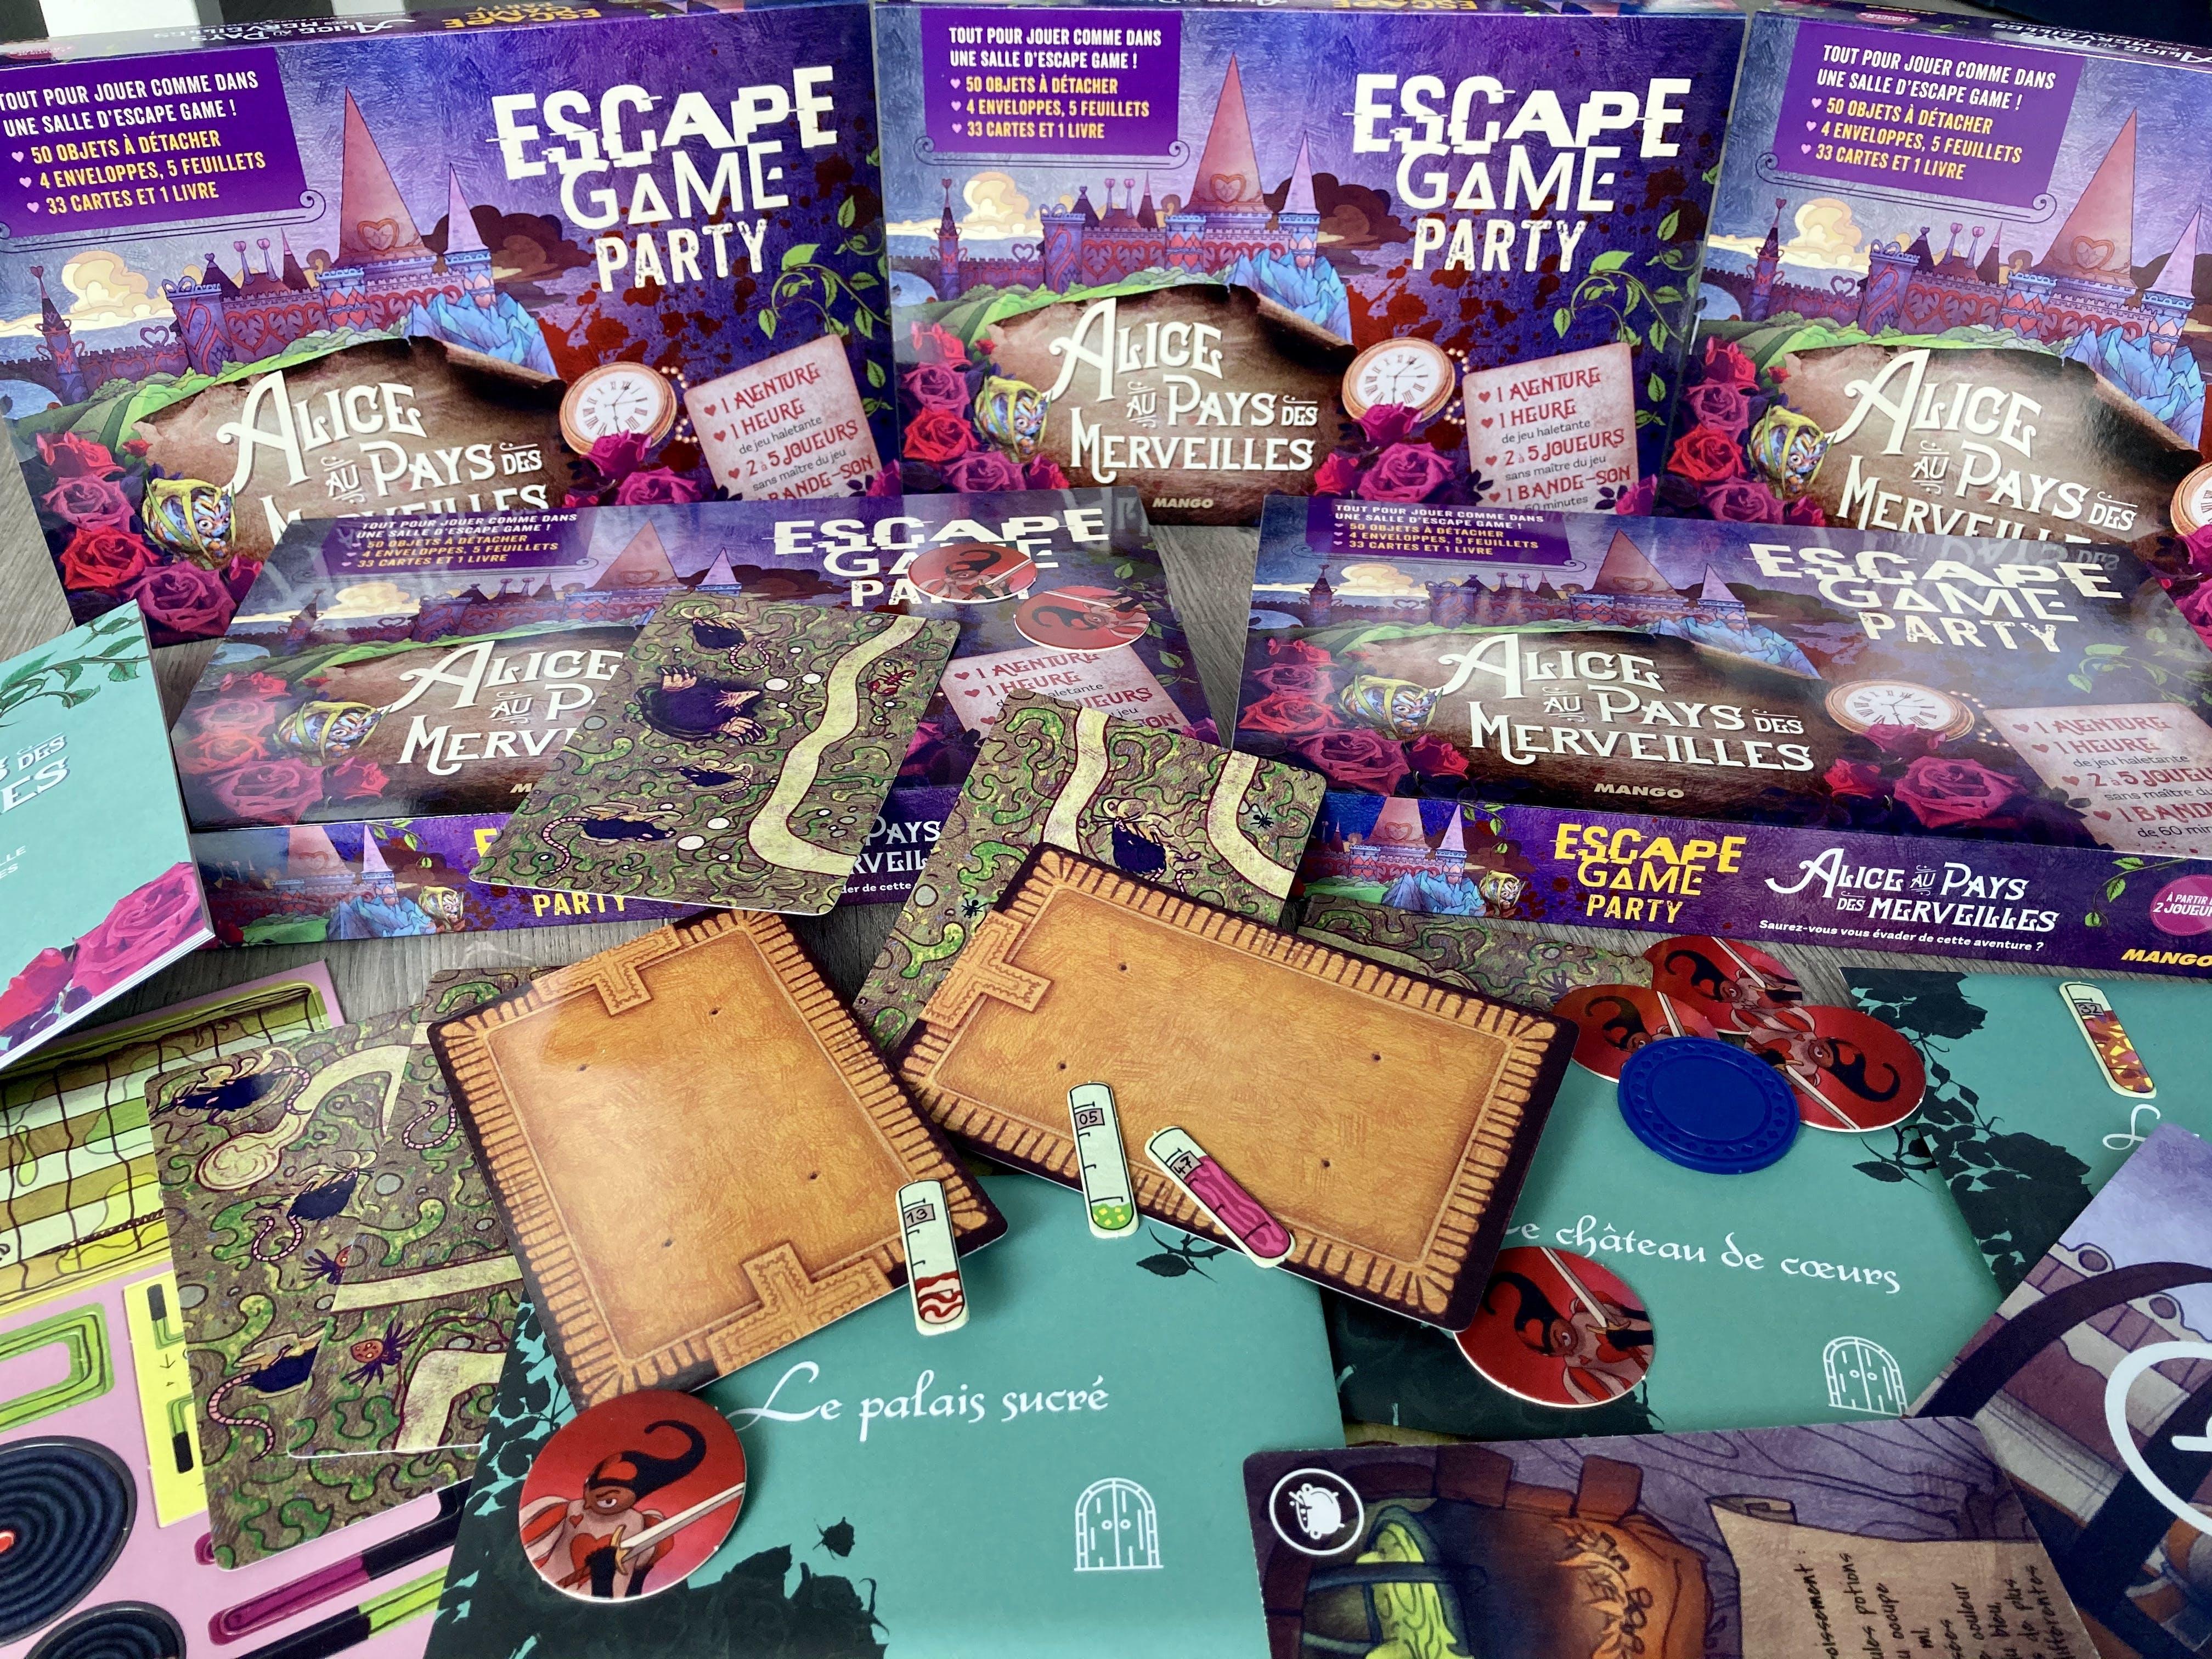 Escape Game Party: Alice au pays des merveilles